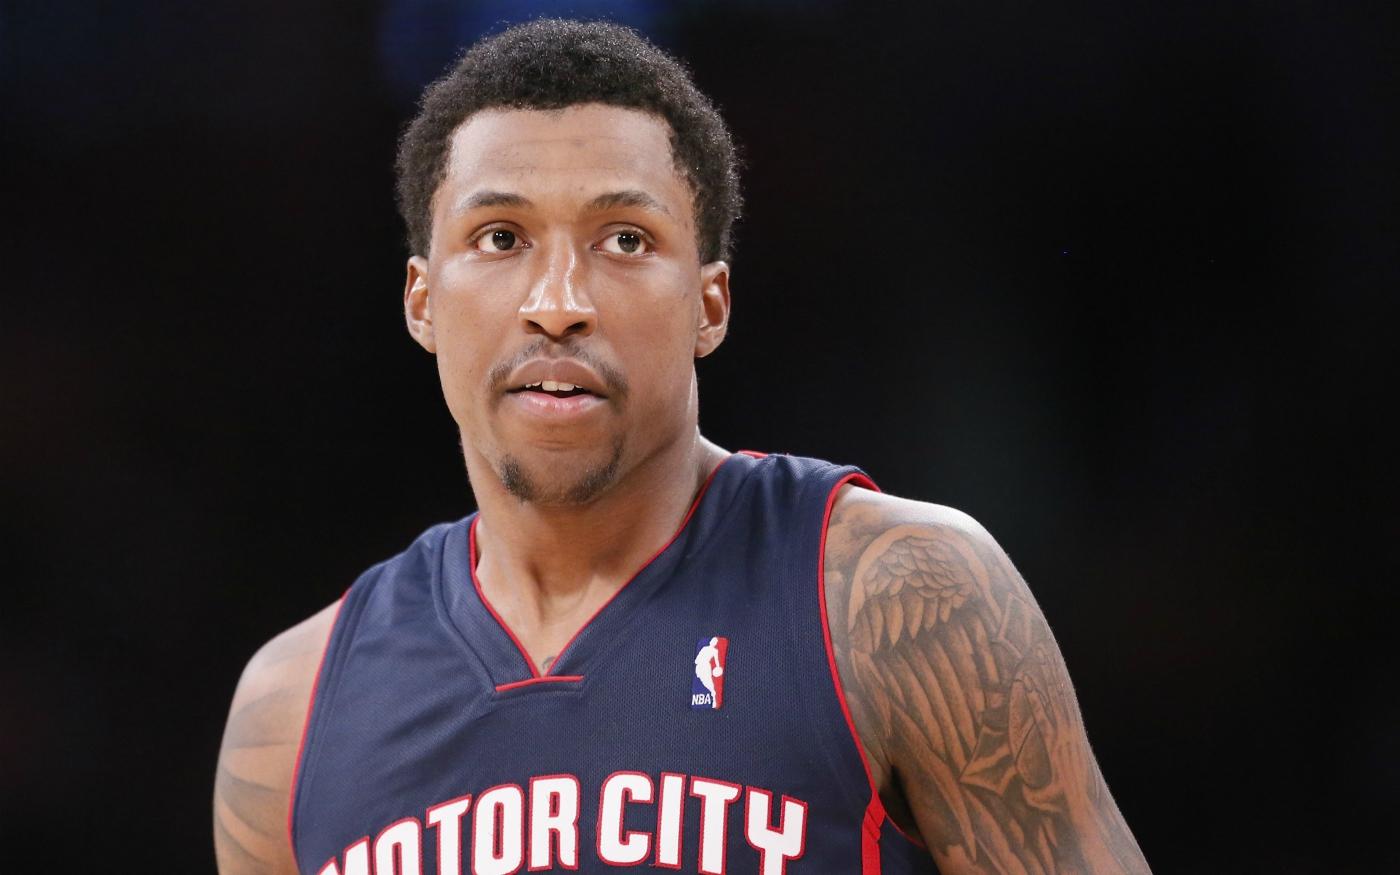 Caldwell-Pope aux Lakers, pour mieux se rapprocher de James ?